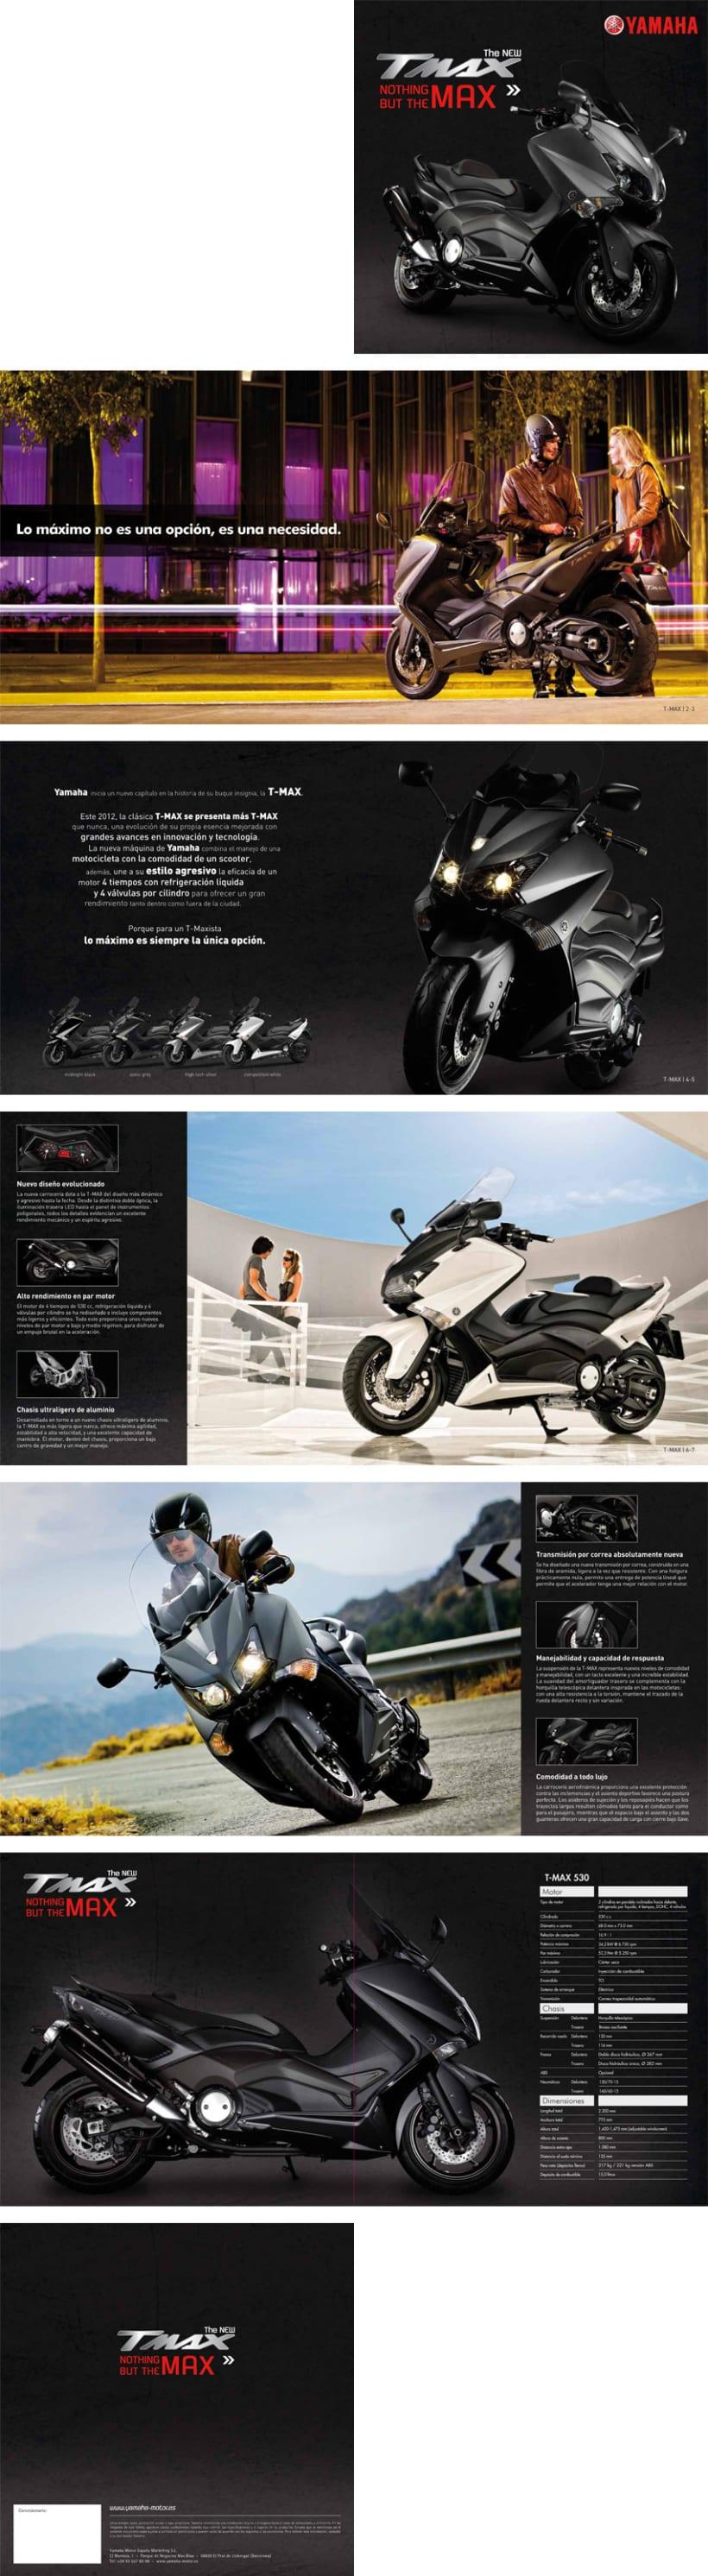 Yamaha T-MAX 2012 / Lanzamiento 1